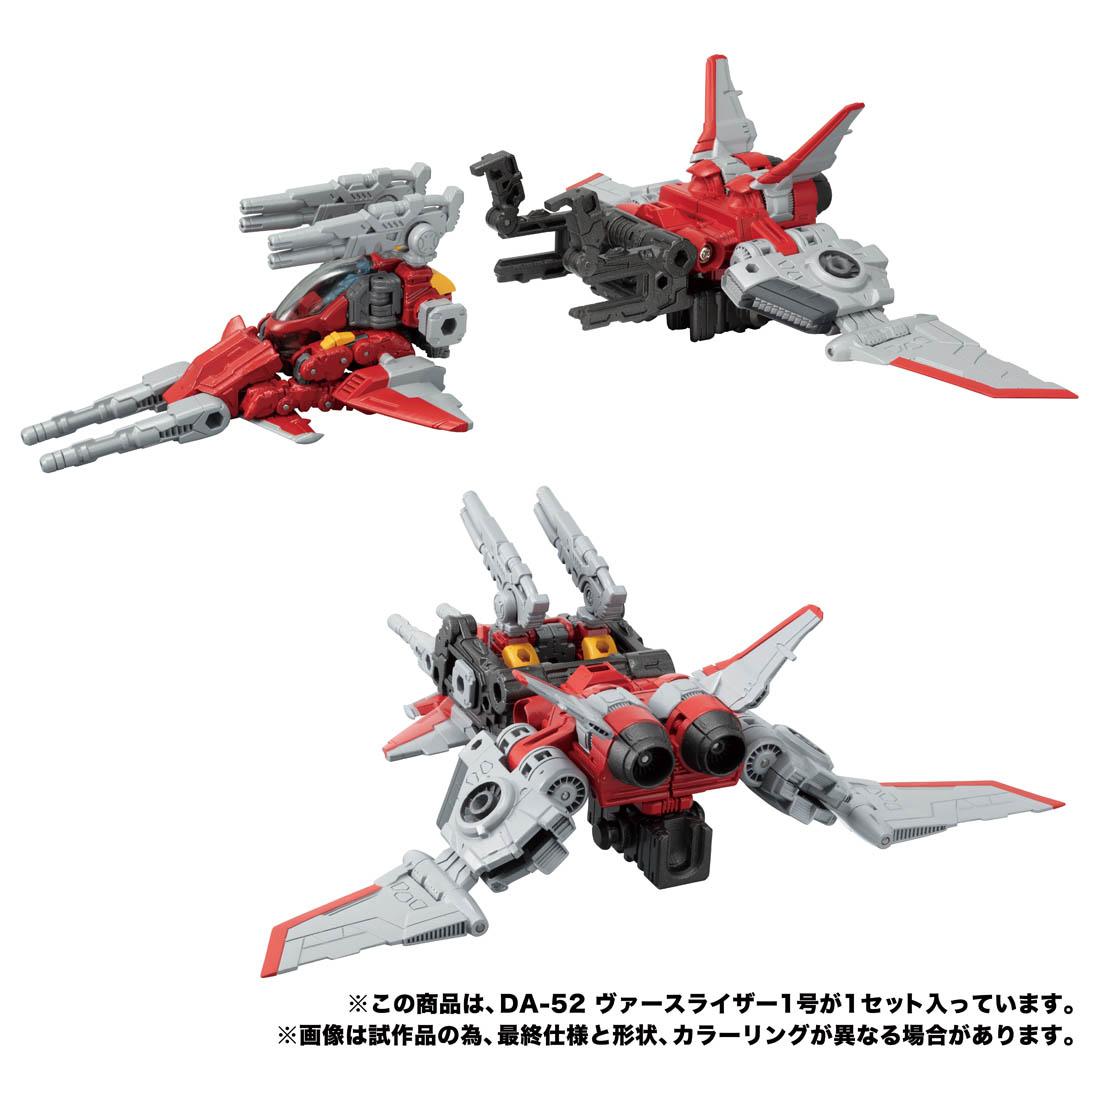 ダイアクロン『DA-52 ヴァースライザー1号』可動フィギュア-002